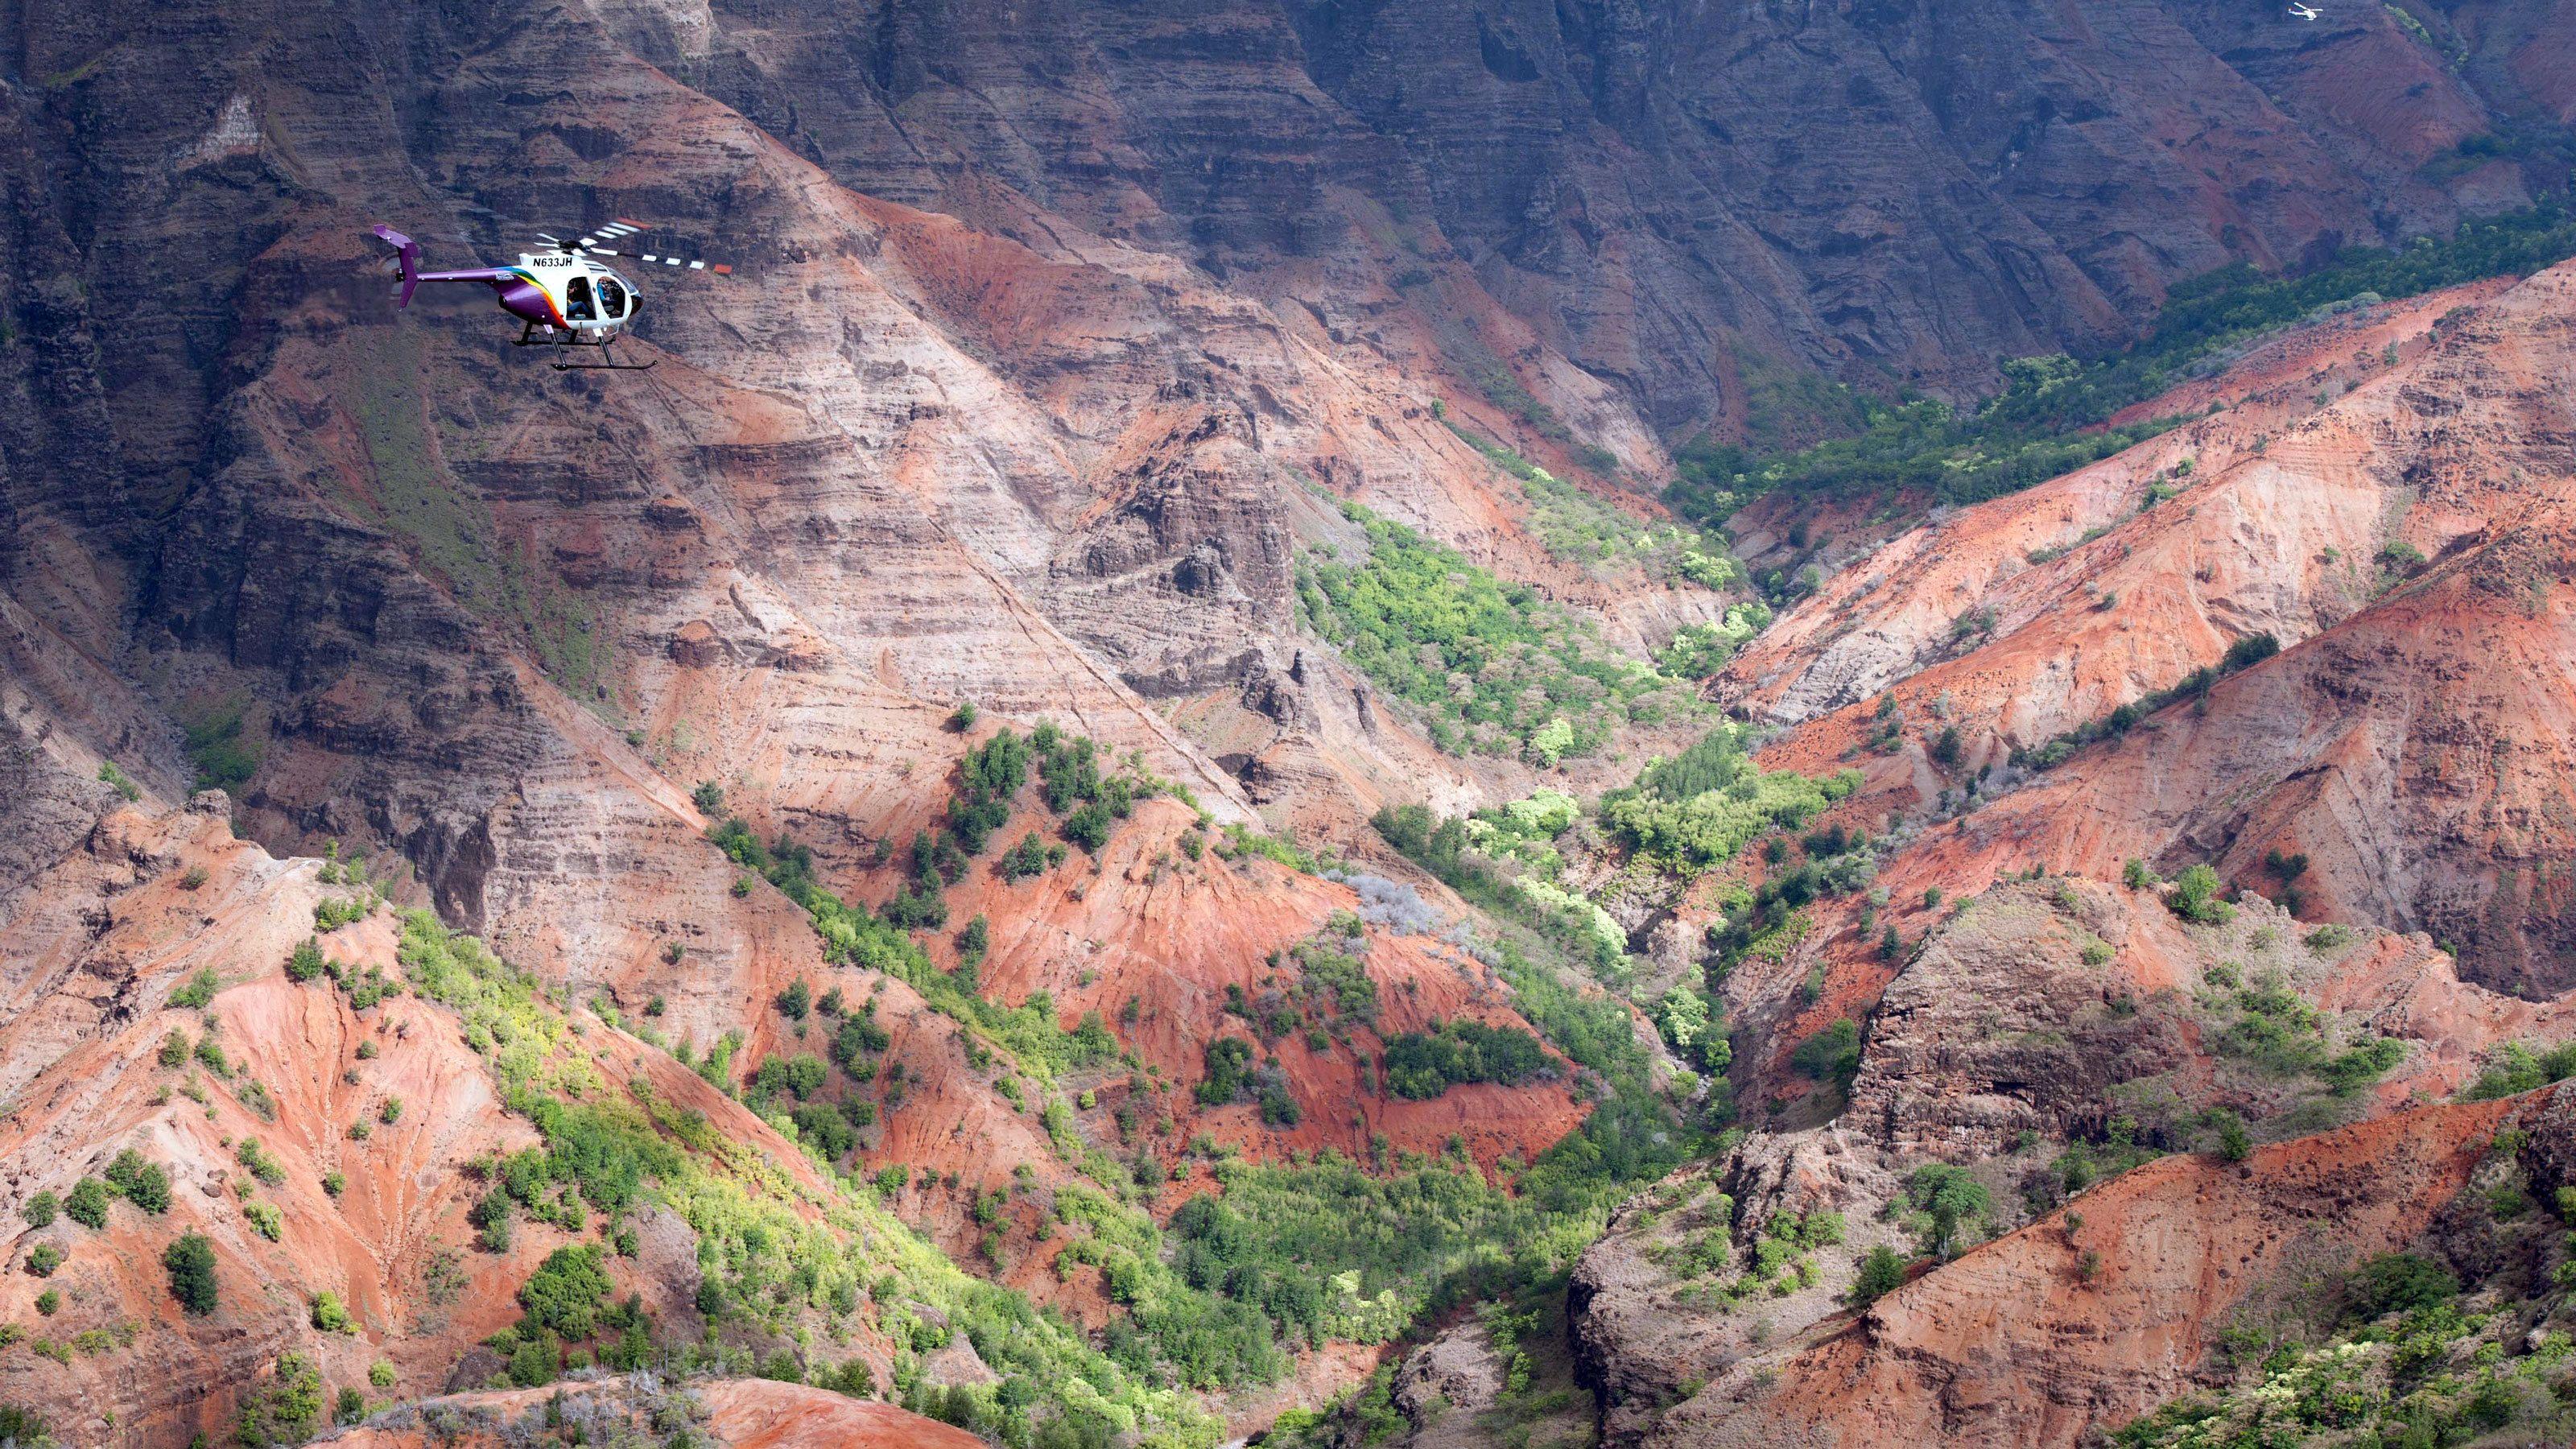 helicopter flying through mountain ridge in Kauai